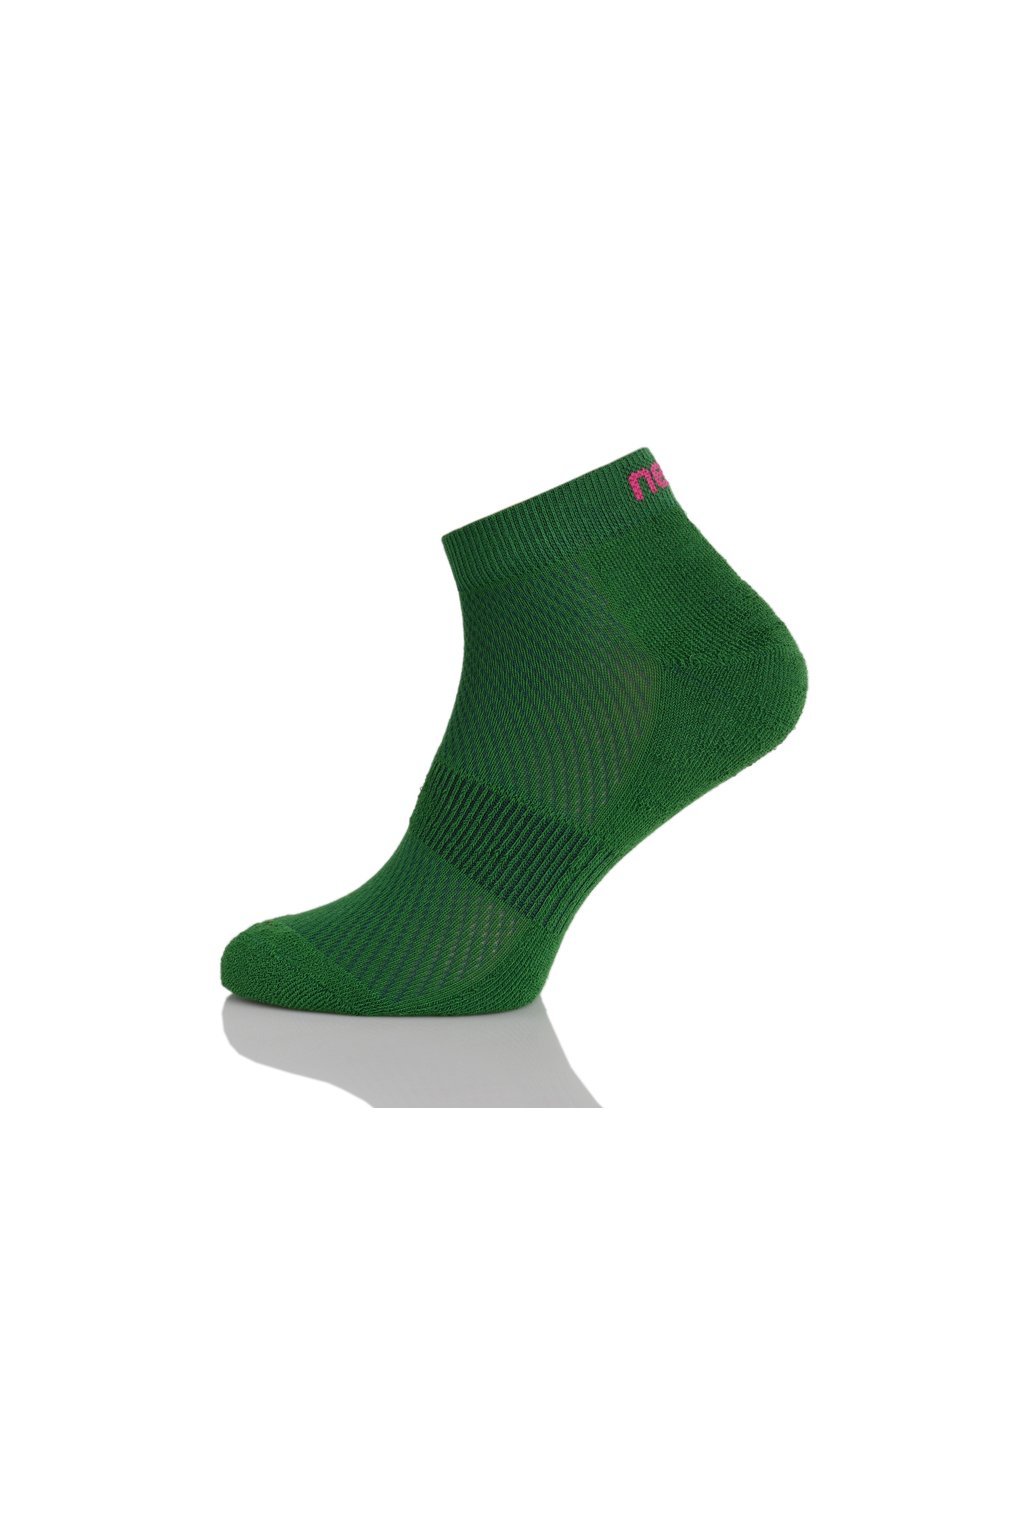 Bavlněné Termoaktivní kotnikové ponožky ST 15N 1